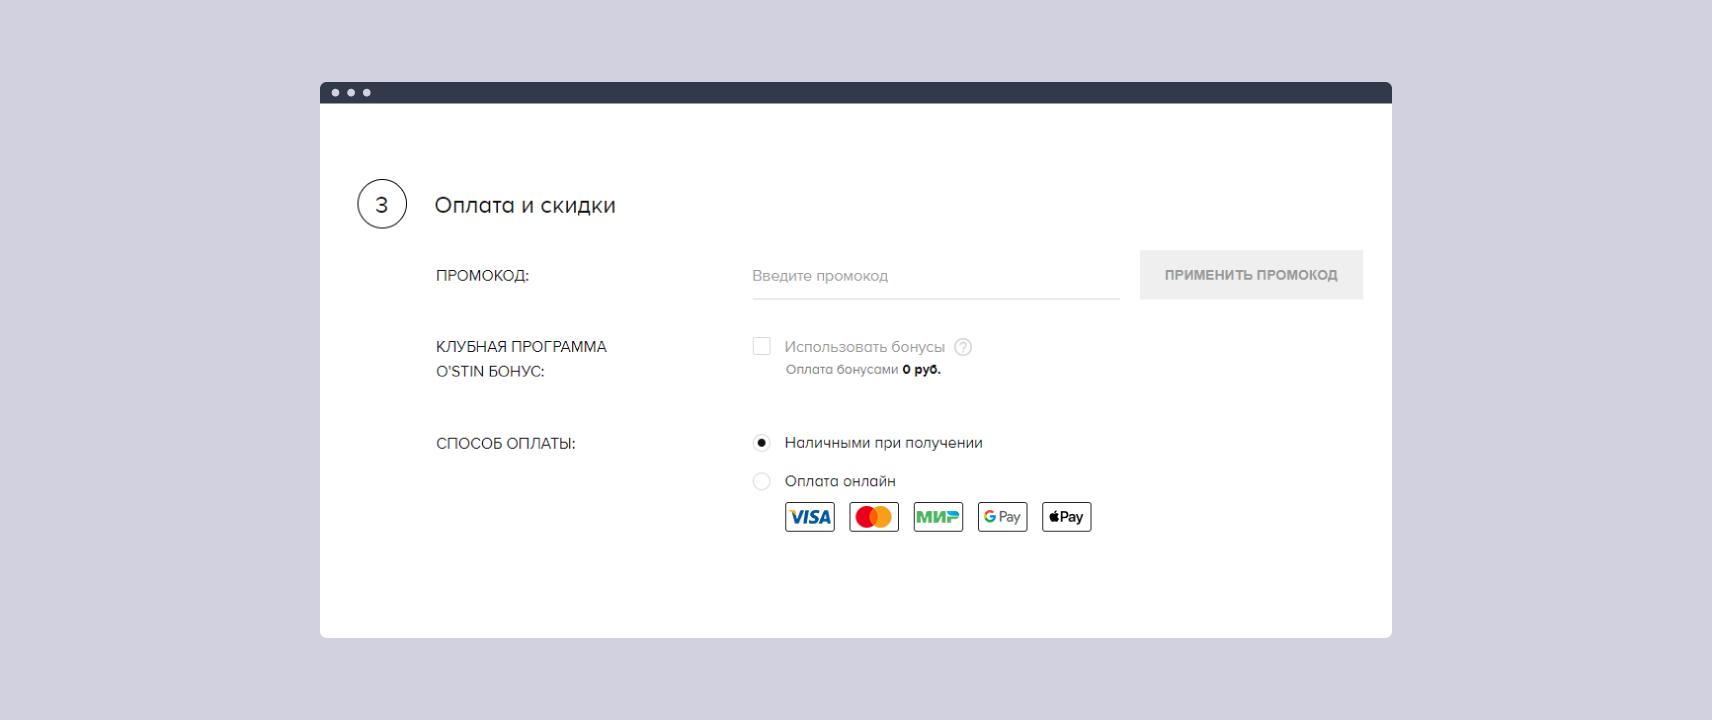 оплата и скидки на официальном сайте ostin.com